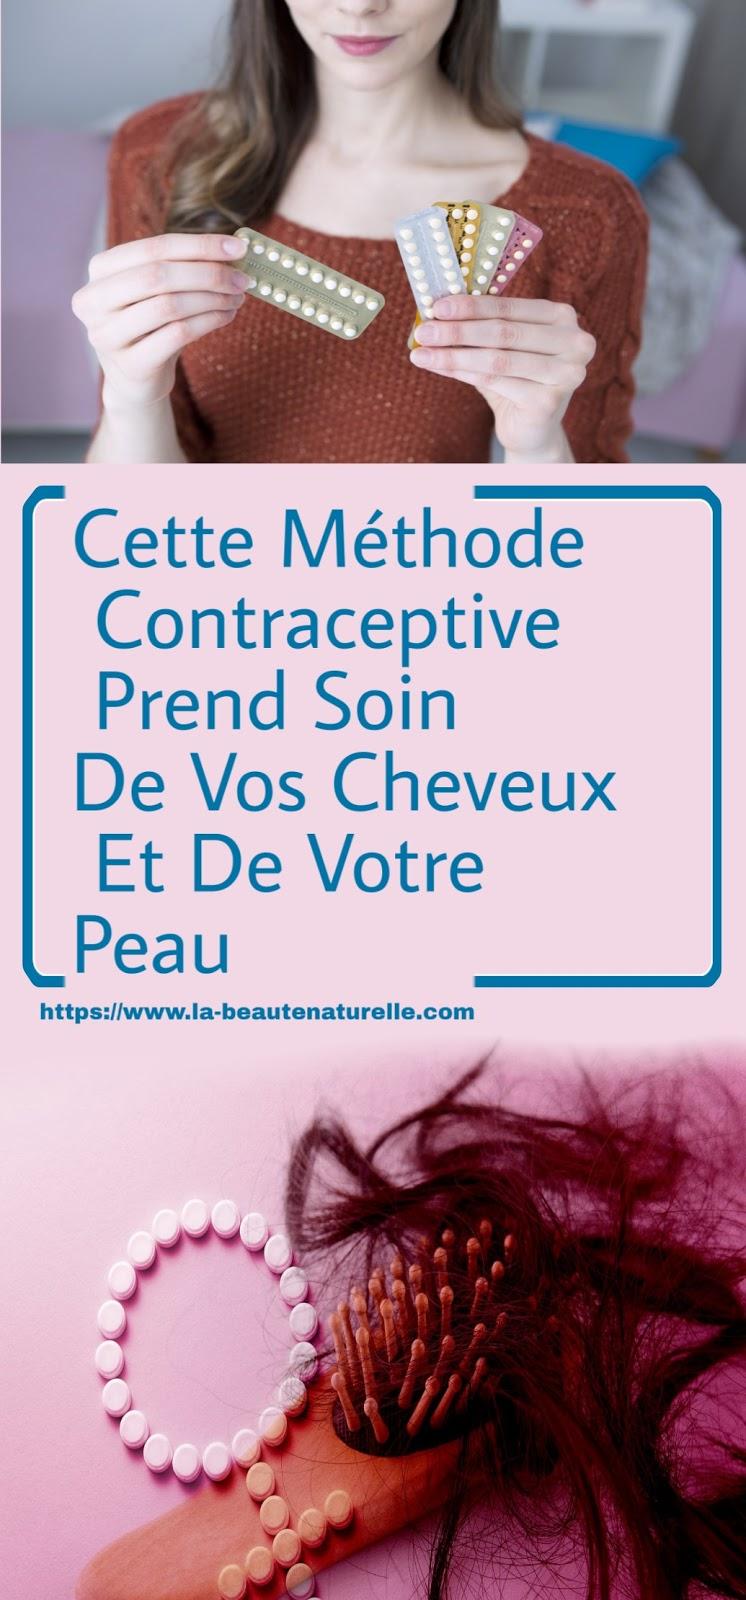 Cette Méthode Contraceptive Prend Soin De Vos Cheveux Et De Votre Peau